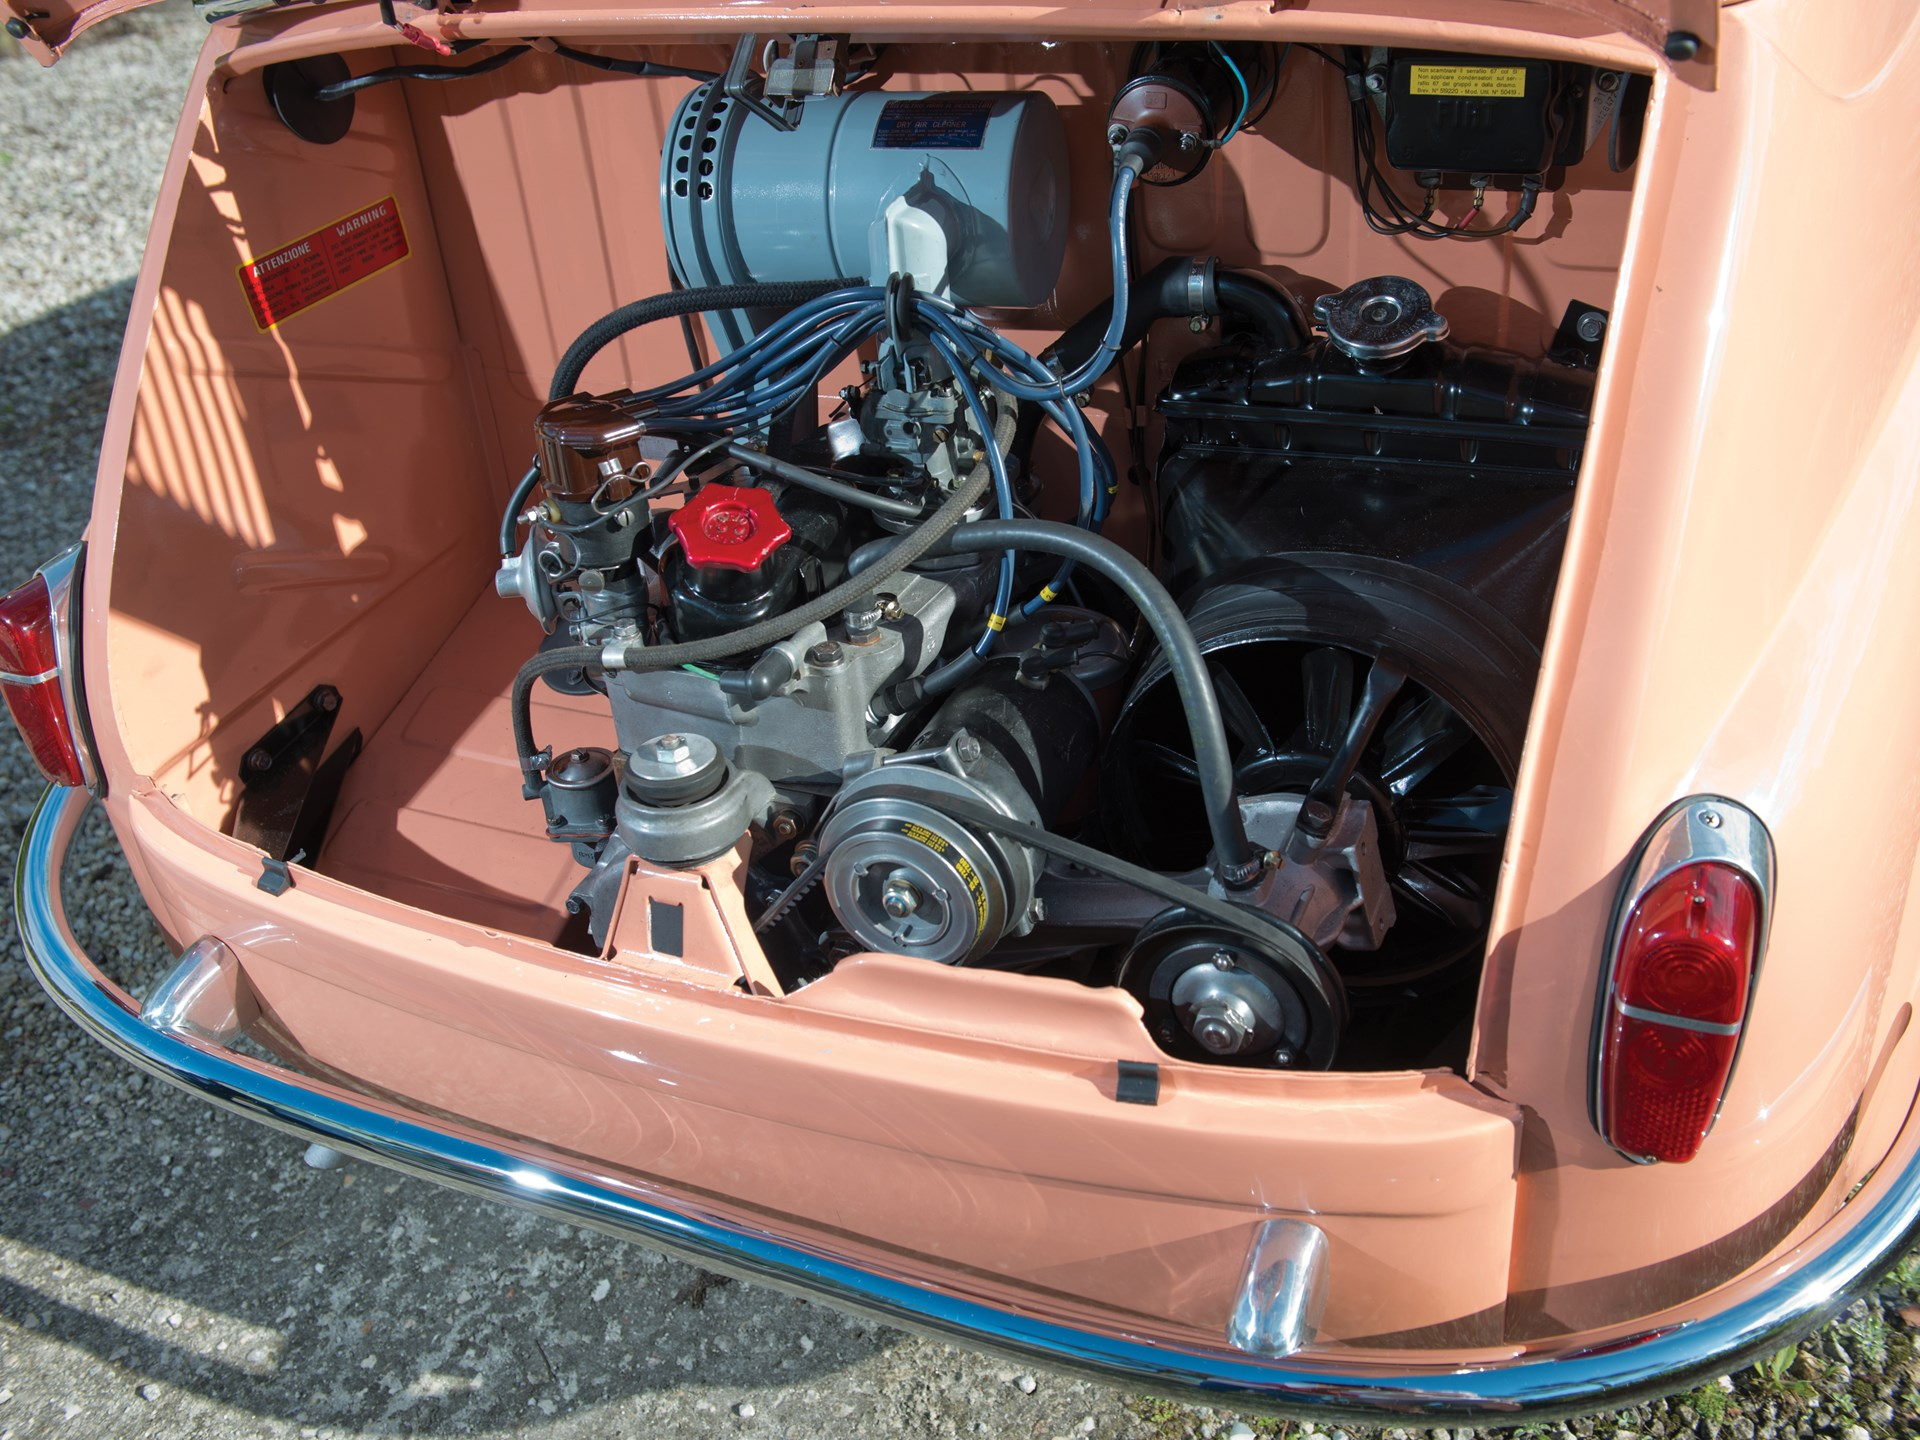 hight resolution of 1958 fiat 600 engine wiring wiring diagram expert 1958 fiat 600 engine wiring